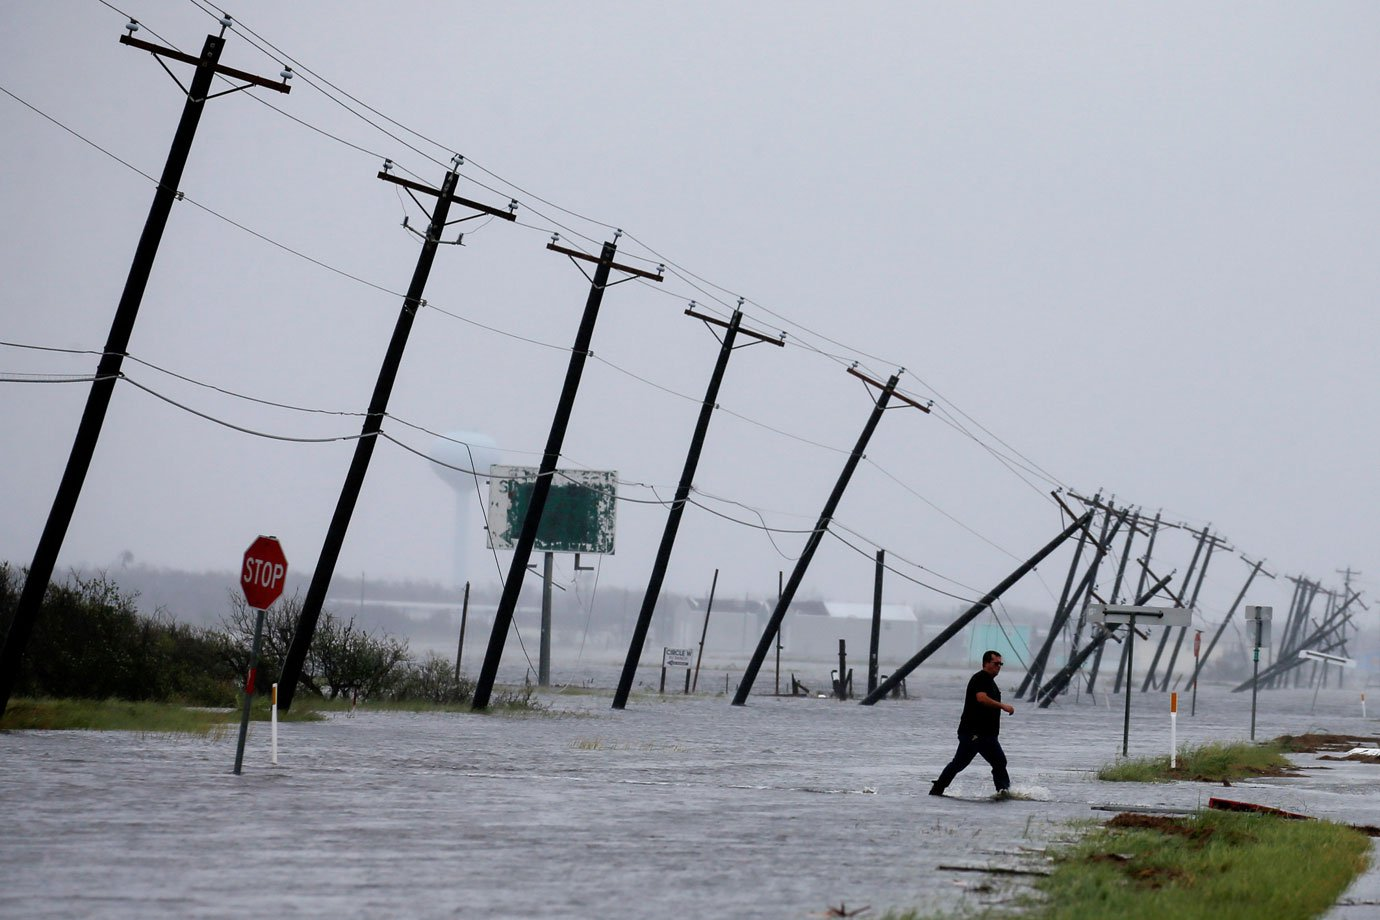 Postes de energia caem após passagem de furacão Harvey, no Texas